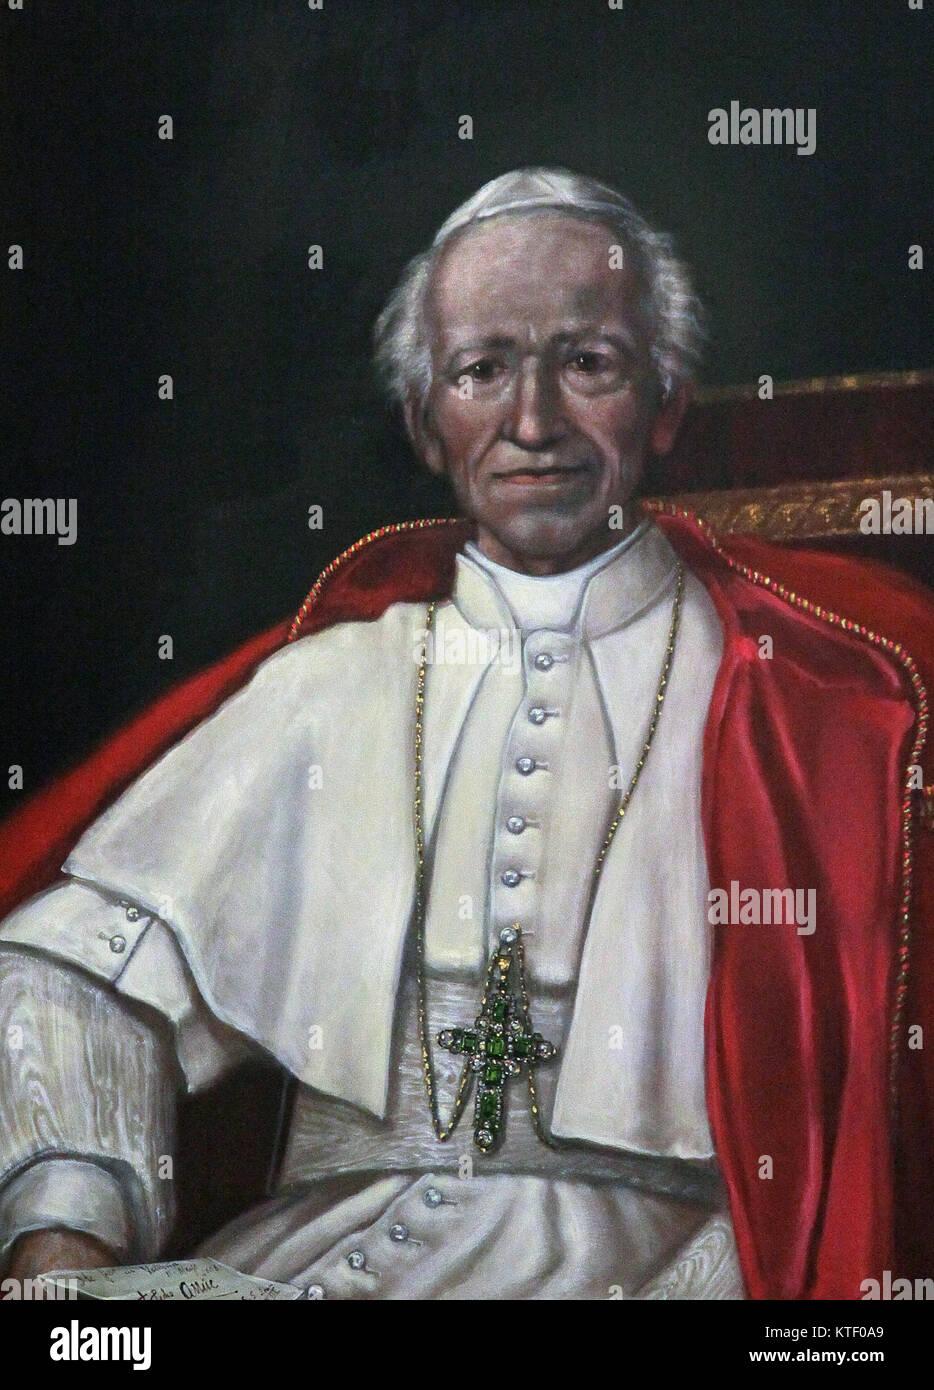 Pope Leo XIII Papa Leo Tertius Decimus painting in the nuestra señora de los desamparados Valencia Spain - Stock Image